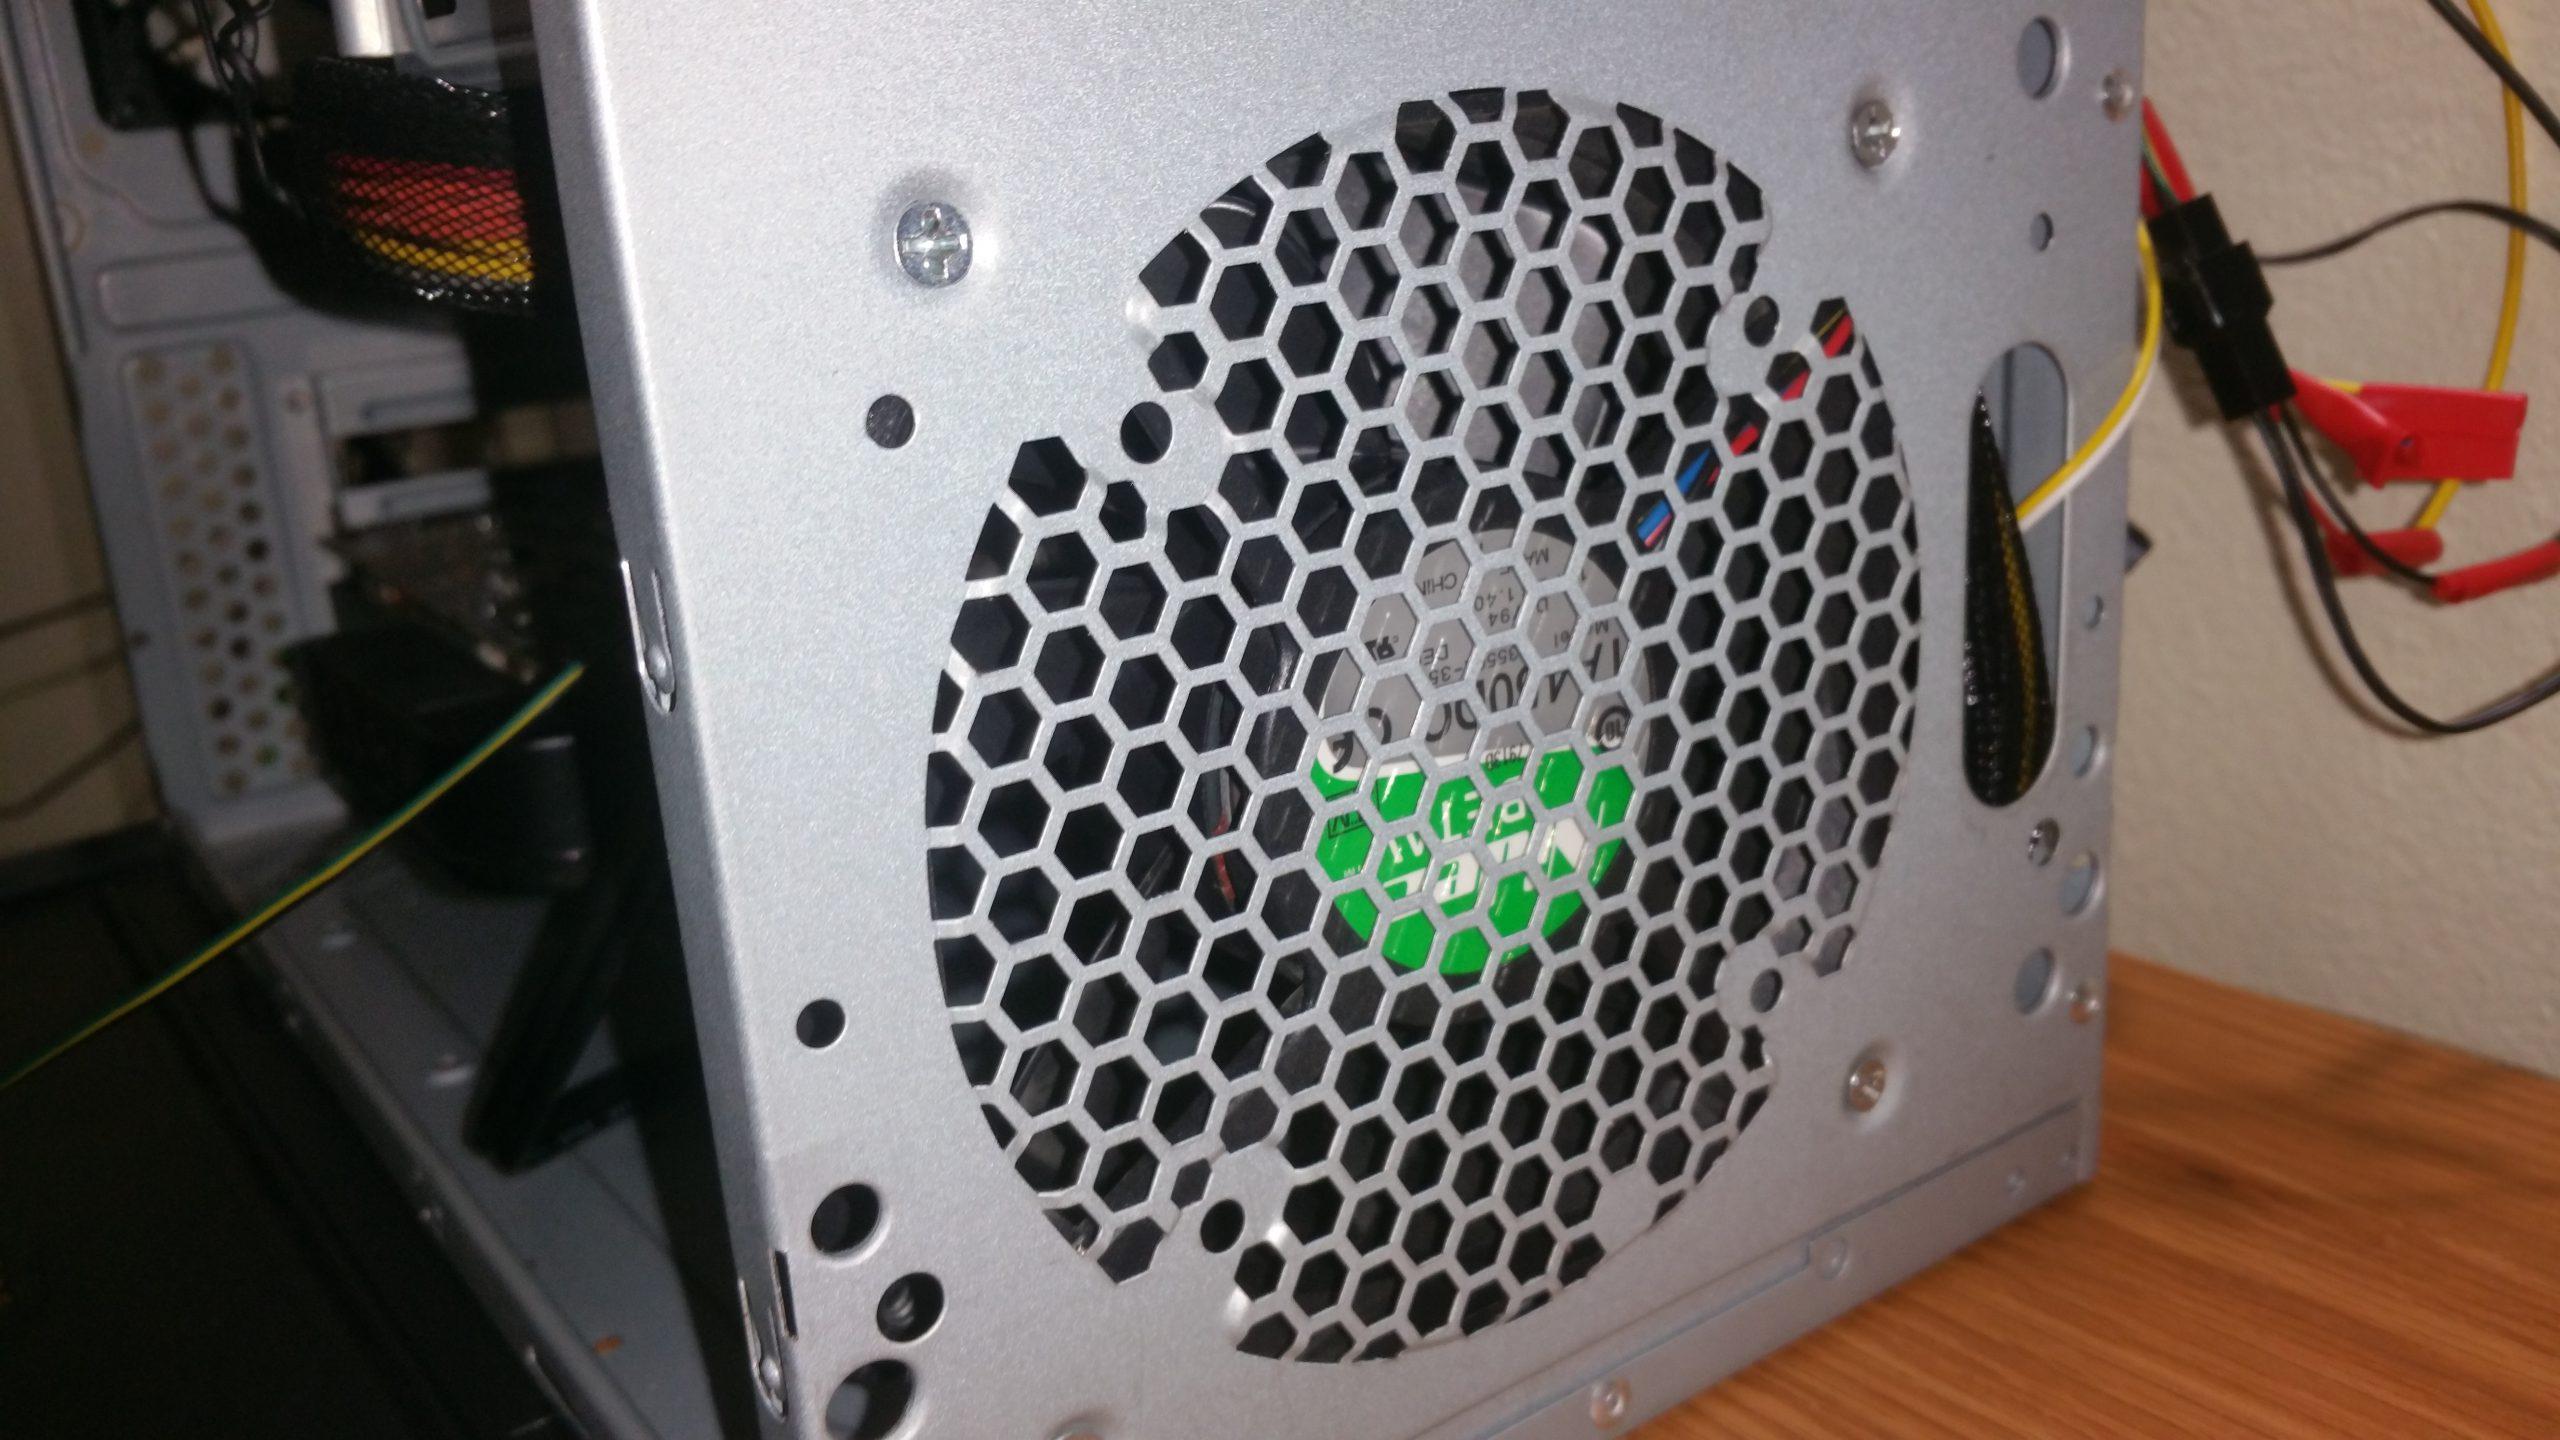 Hardware Upgrades - AMD Ryzen 7 1700 build - 2